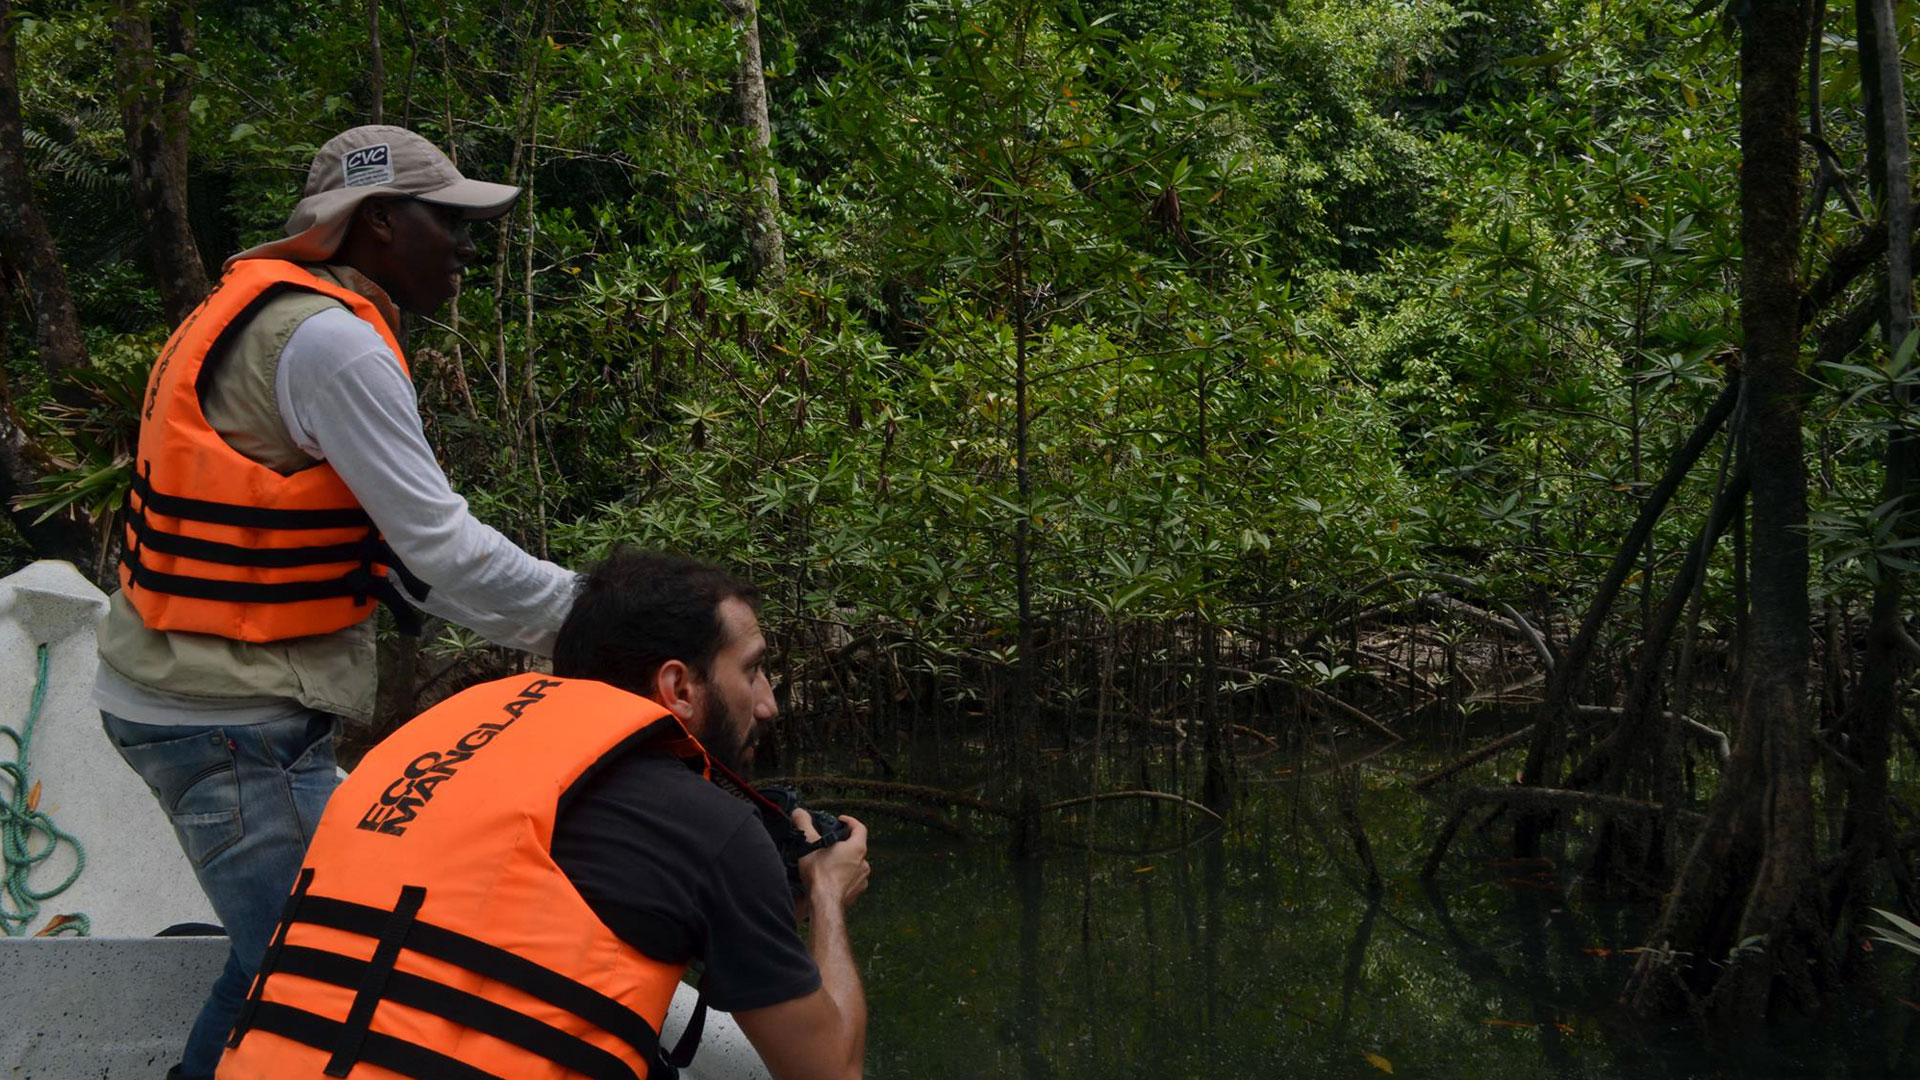 Fotografía de un guía y un turista con cámara fotográfica recorrido por los manglares en lancha